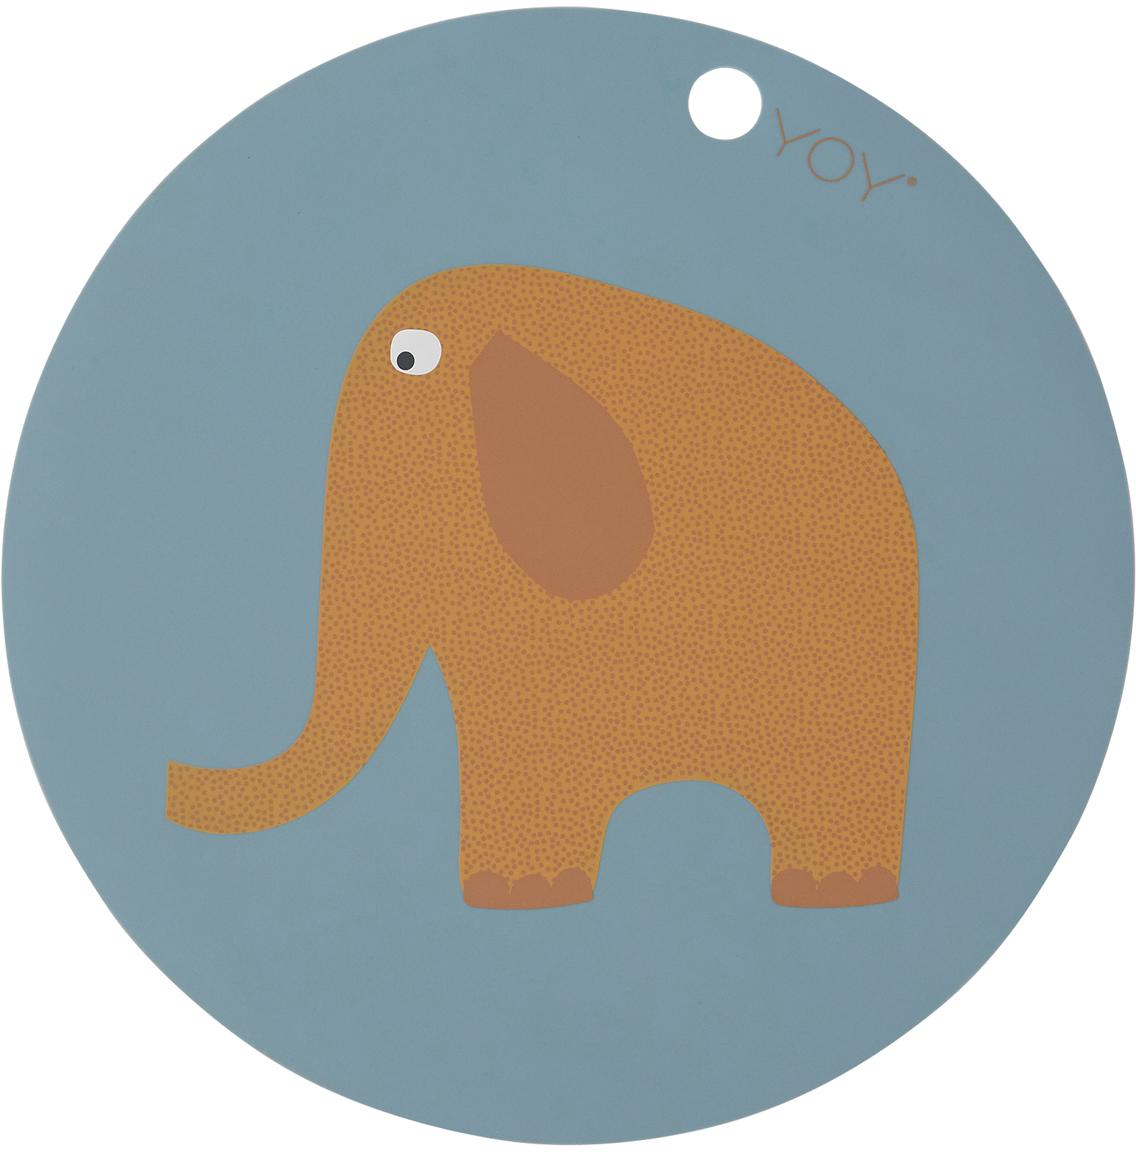 Tischset Elephant, Silikon, Blau, Braun, Orange, Weiß, Schwarz, Ø 39 cm